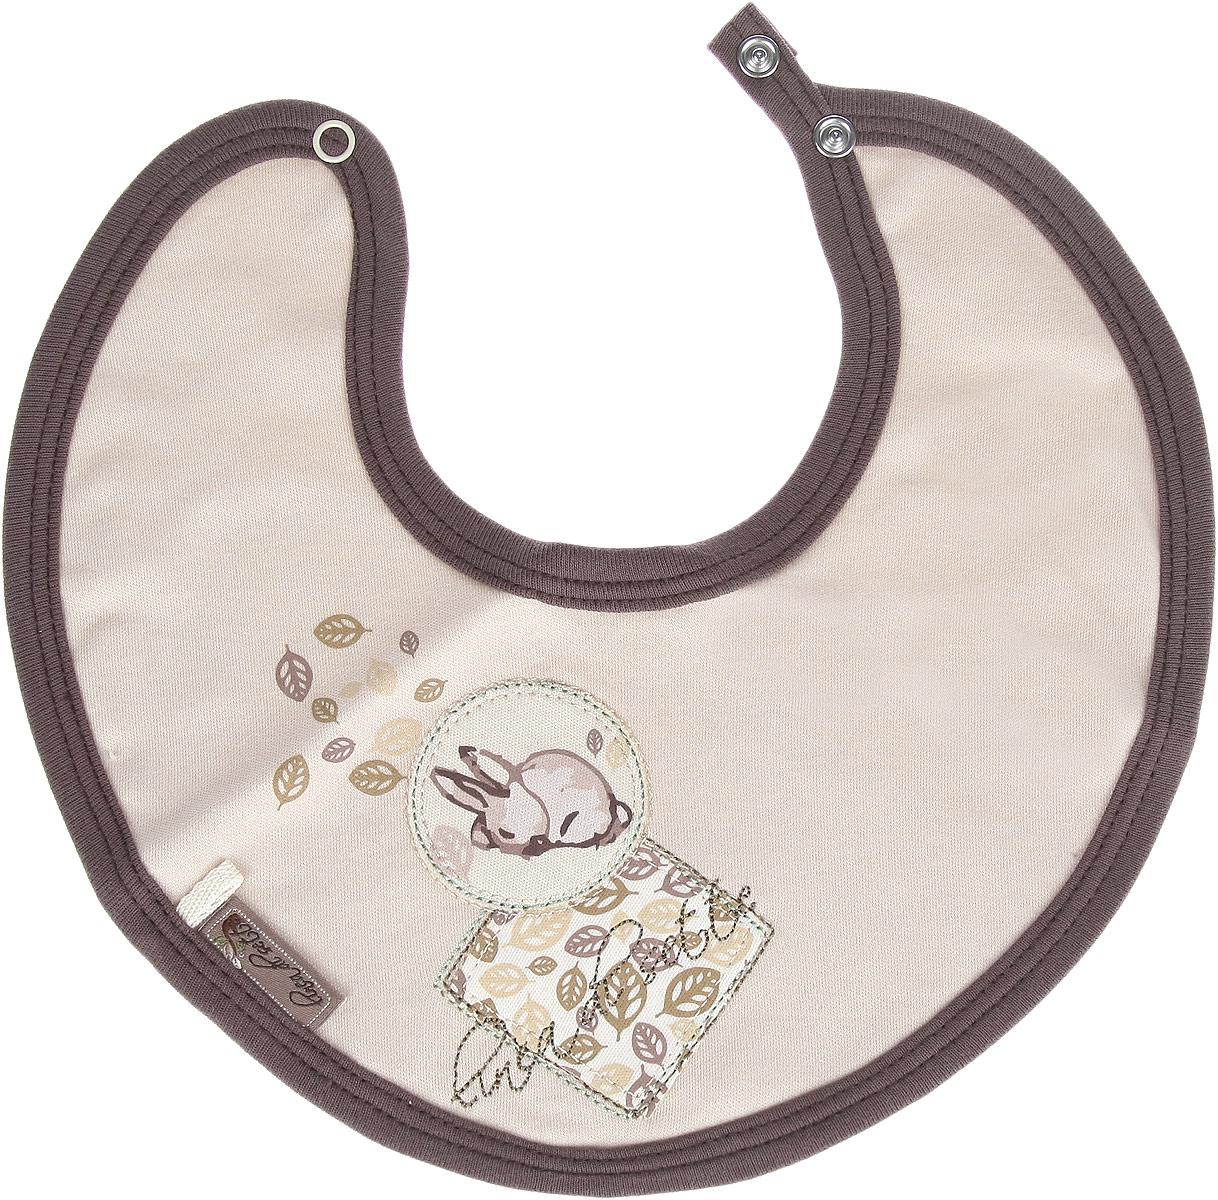 Linea Di Sette Нагрудник детский Зайка от 0 до 3 месяцев01-0103Детский нагрудник Зайка станет незаменимым помощником маме при кормлении малыша от 0 до 3 месяцев. Нагрудник регулируется по размеру двумя металлическими кнопками. Нагрудник защитит одежду вашего крохи от загрязнений.